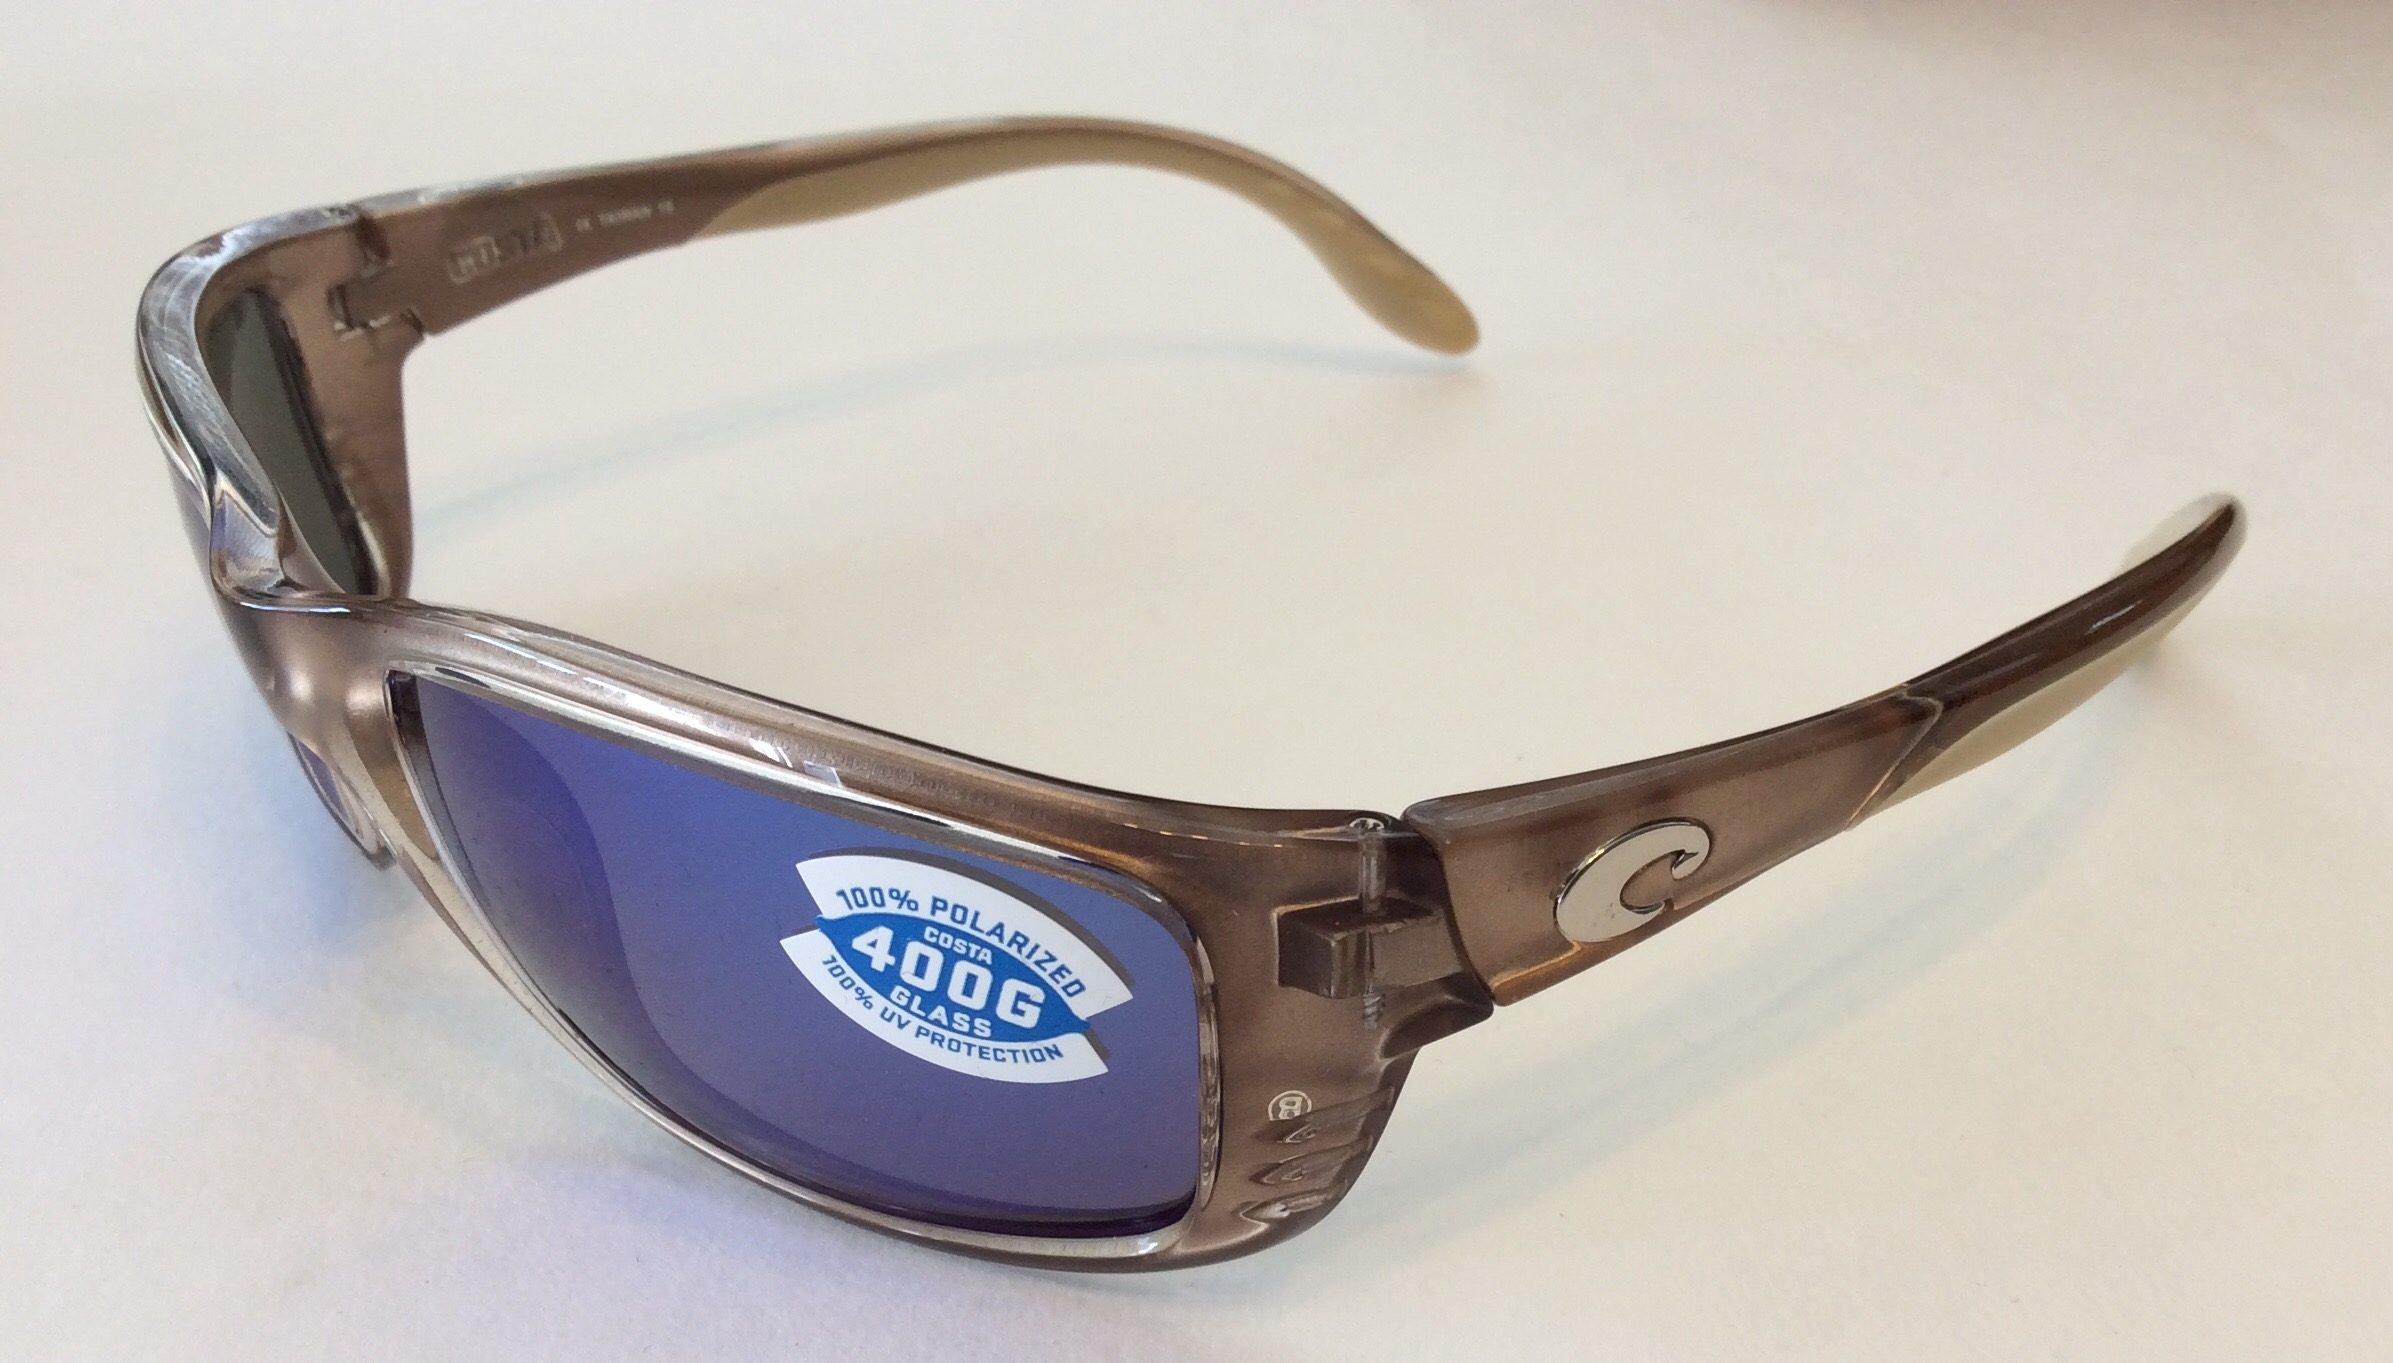 New Costa del Mar Caballito Polarized Sunglasses Black//Blue Mirror 400G Fishing